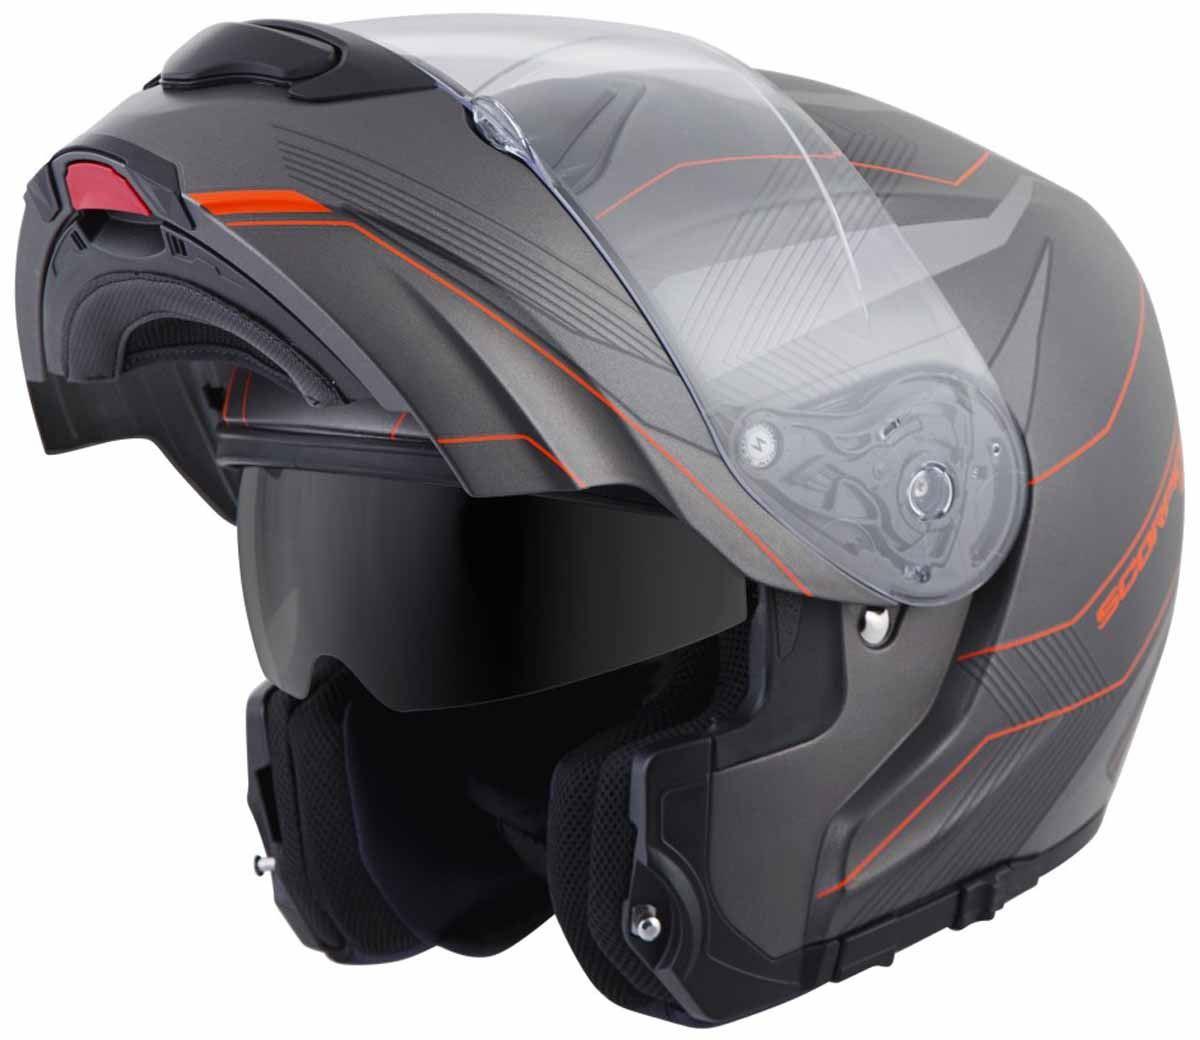 Scorpion-EXO-GT3000-Helmet-Modular-Flip-Up-Premium-DOT-Approved-XS-2XL miniature 21